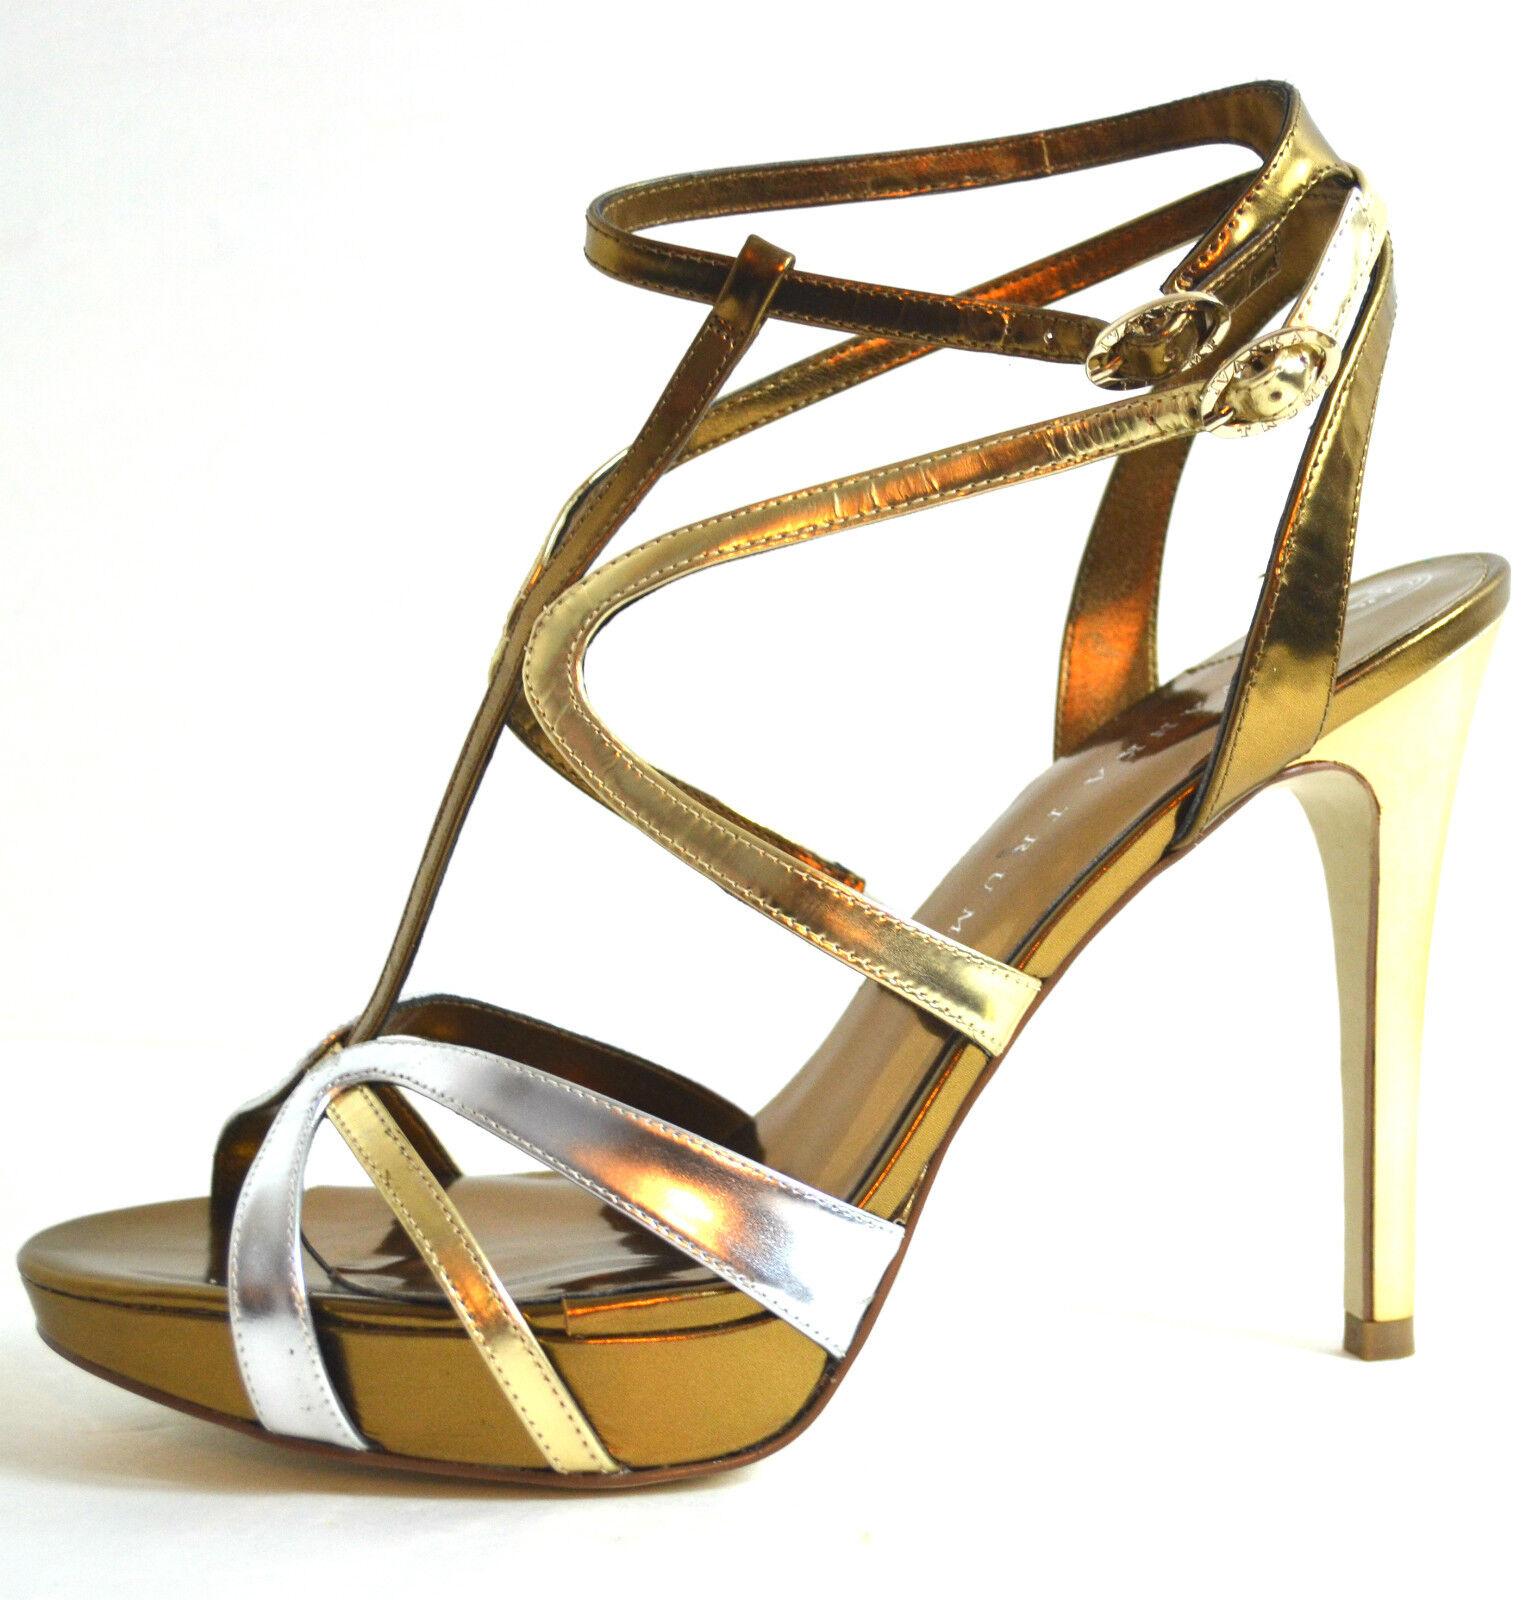 ELEGANT New Ivanka Trump Wouomo scarpe Sandals  oro Genuine Leather Dimensione 9.5 M  autentico